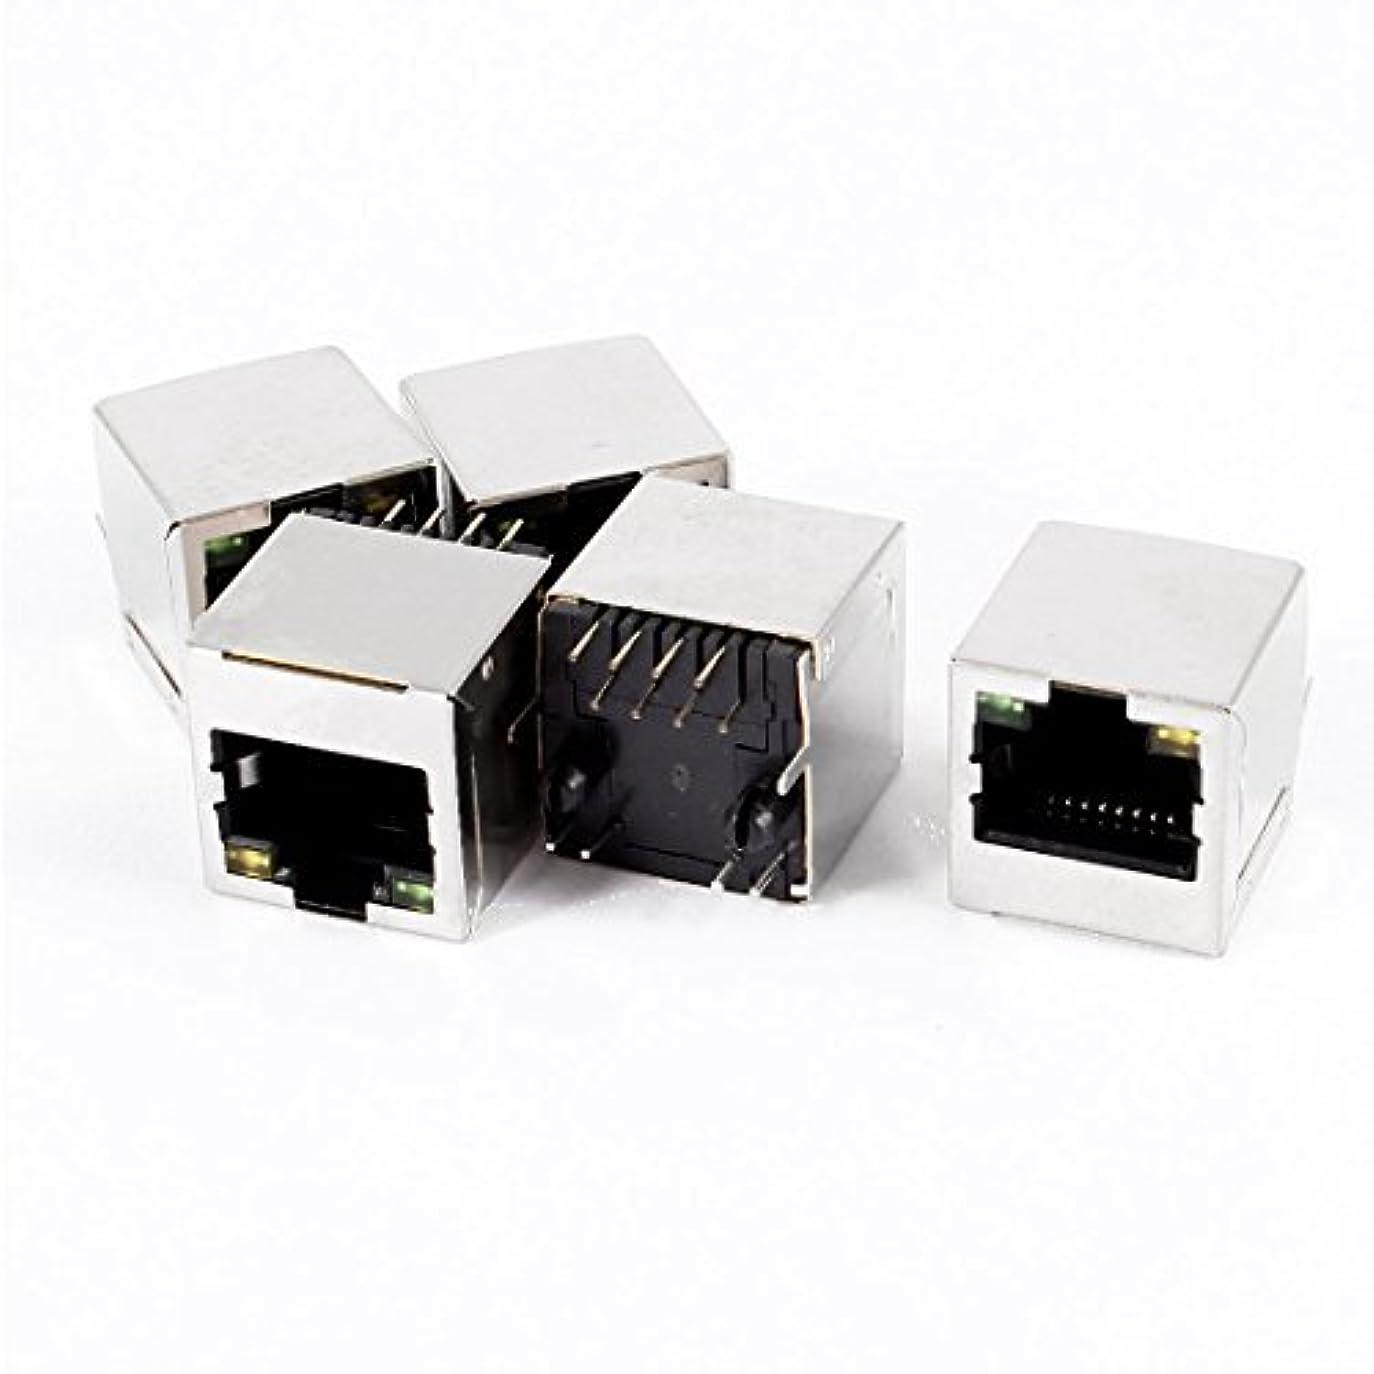 ナチュラルレンチ懐疑論5つのLEDライトステンレス鋼シールドRJ45 8P8C PCBジャックコネクタ